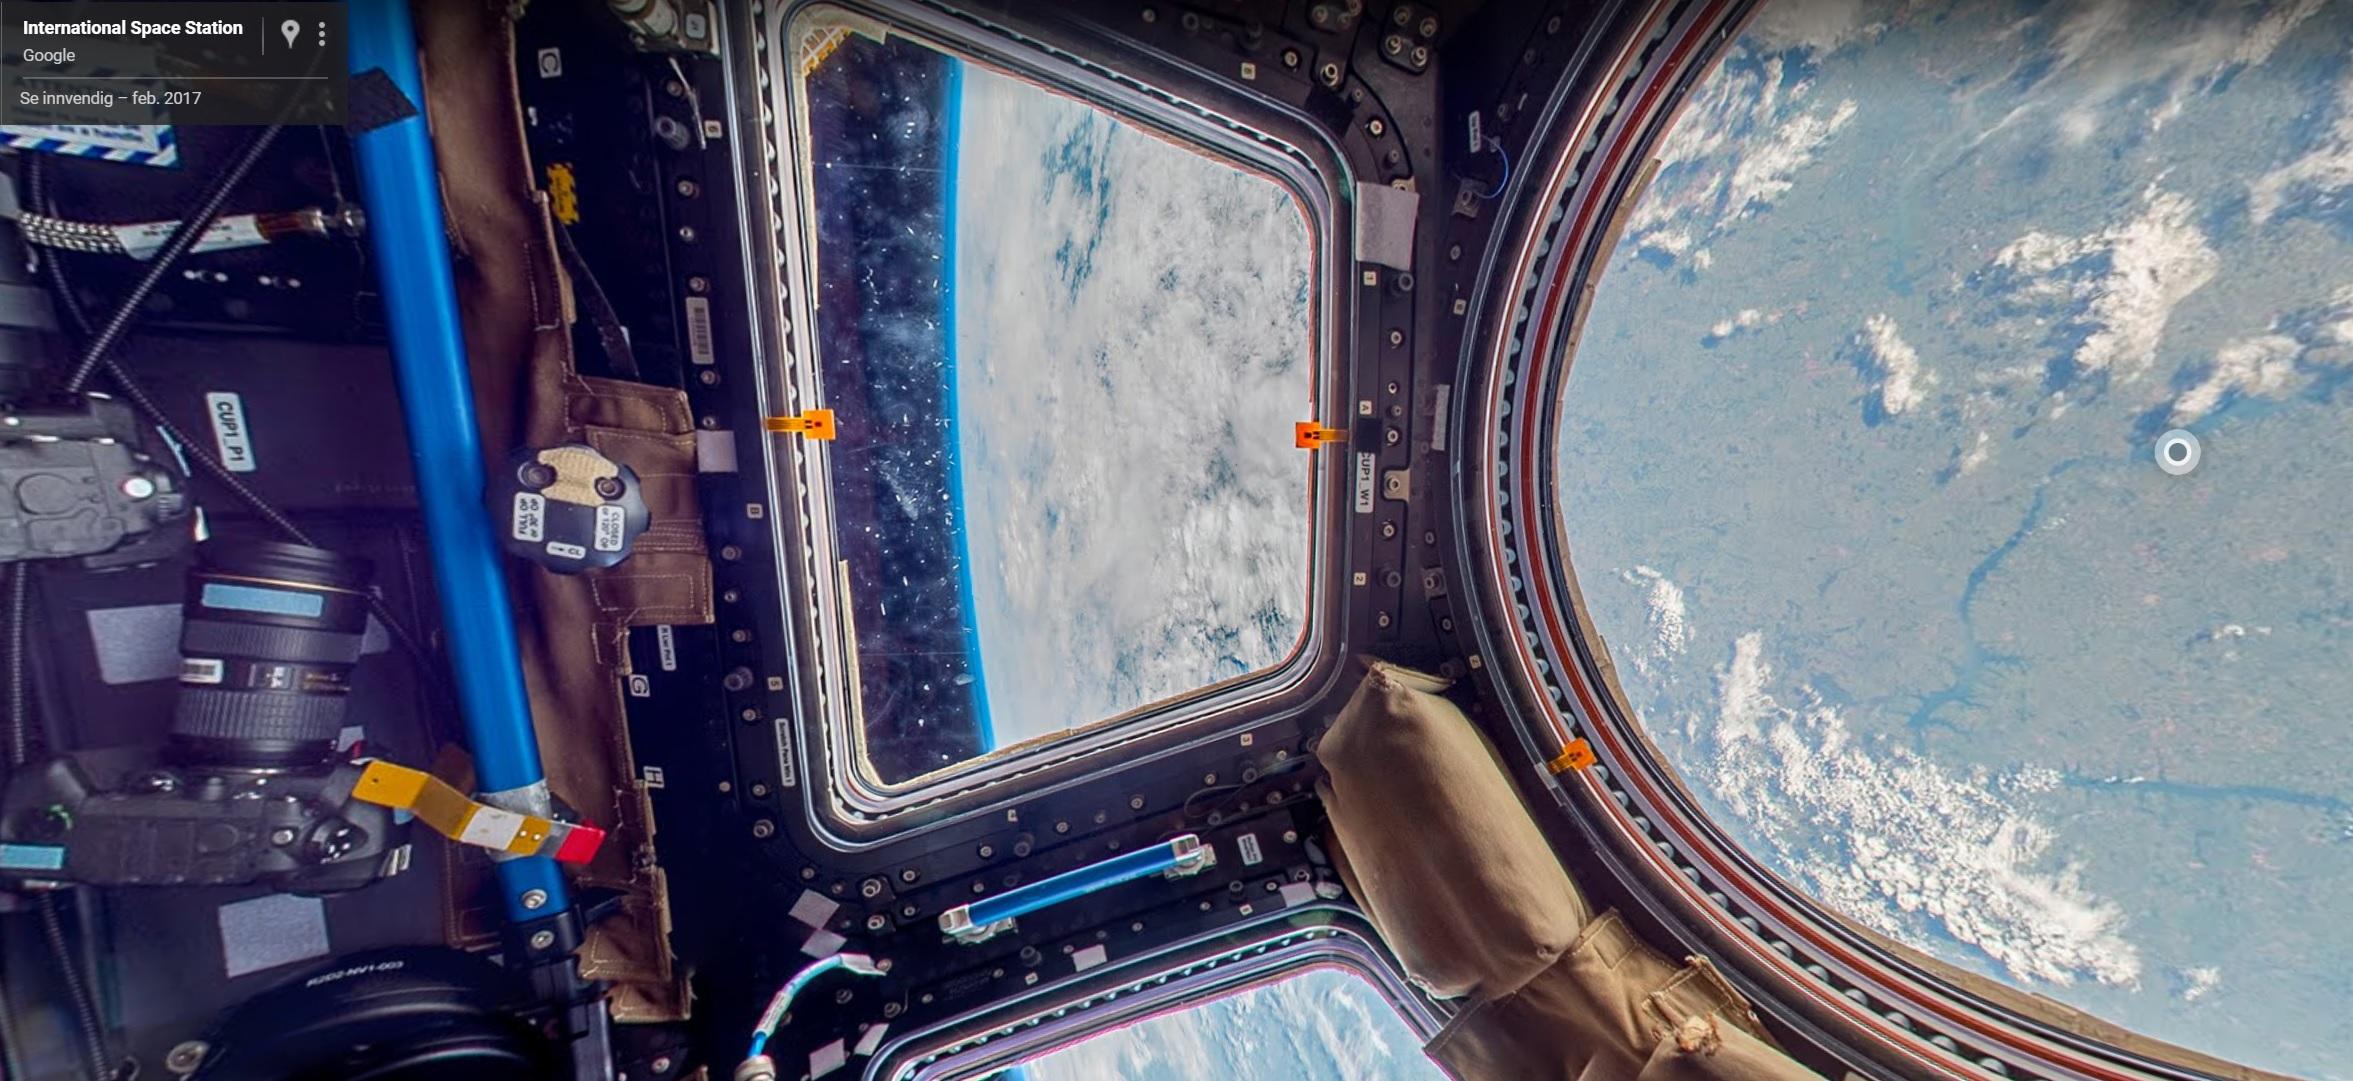 Bli med opp til den internasjonale romstasjonen med Google Street View.